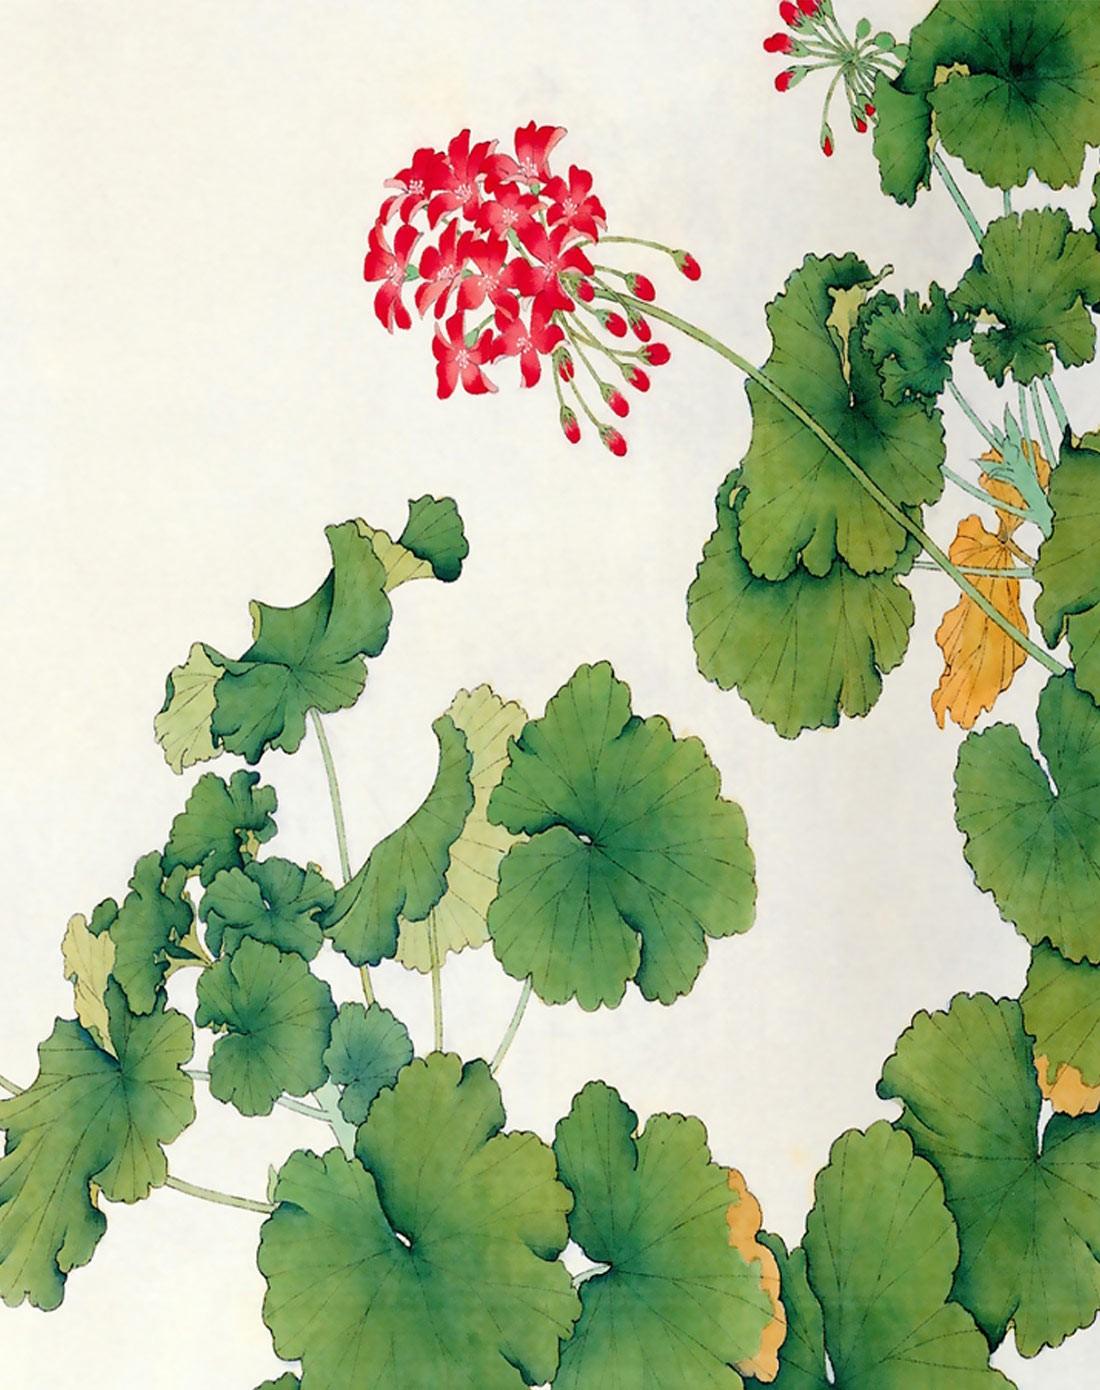 柠檬树家居装饰专场清新花卉画芯装饰画 绿叶红花jkh